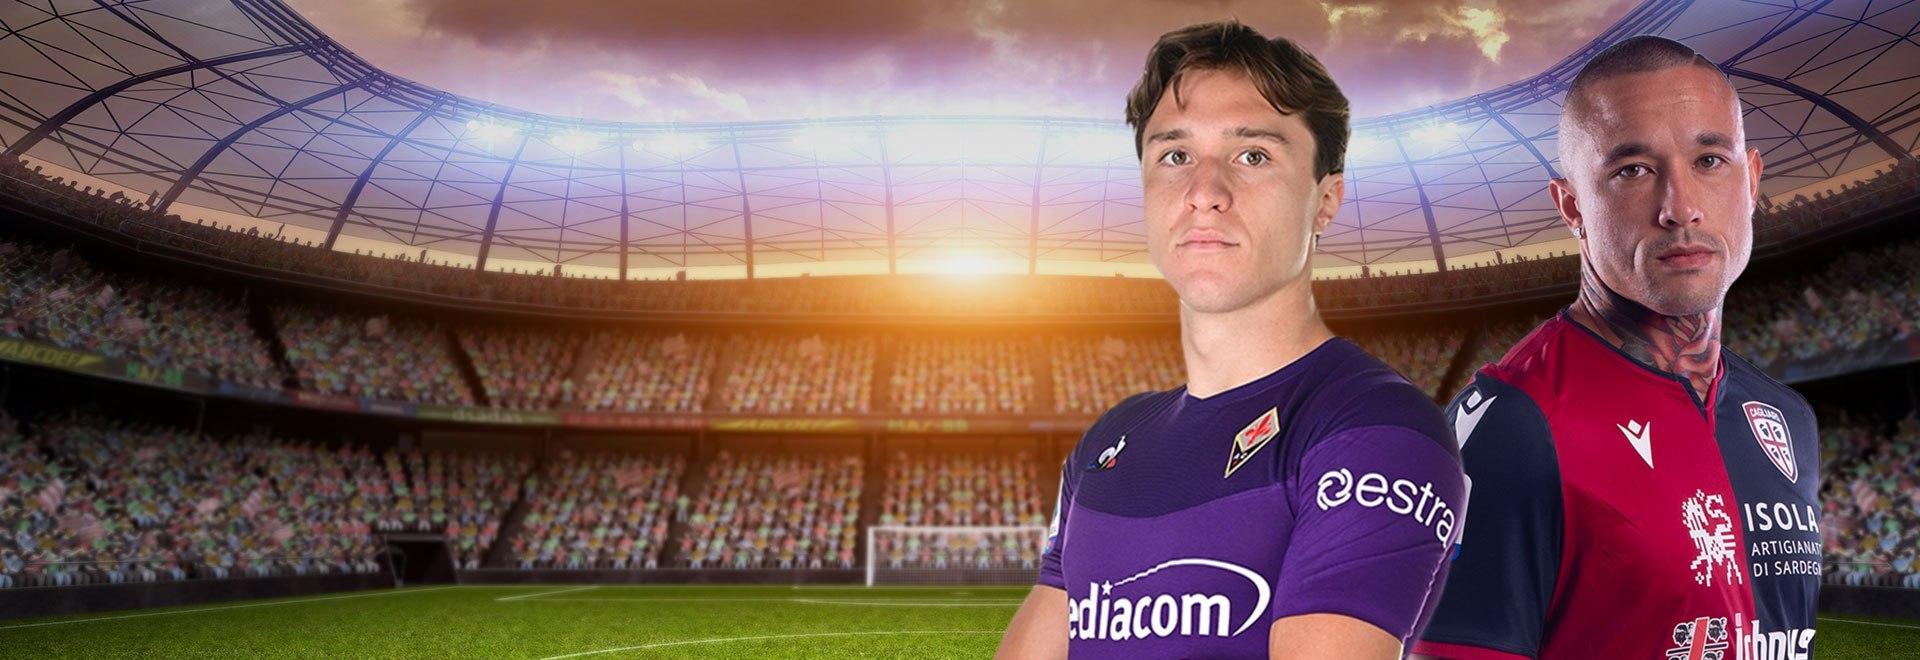 Fiorentina - Cagliari. 31a g.